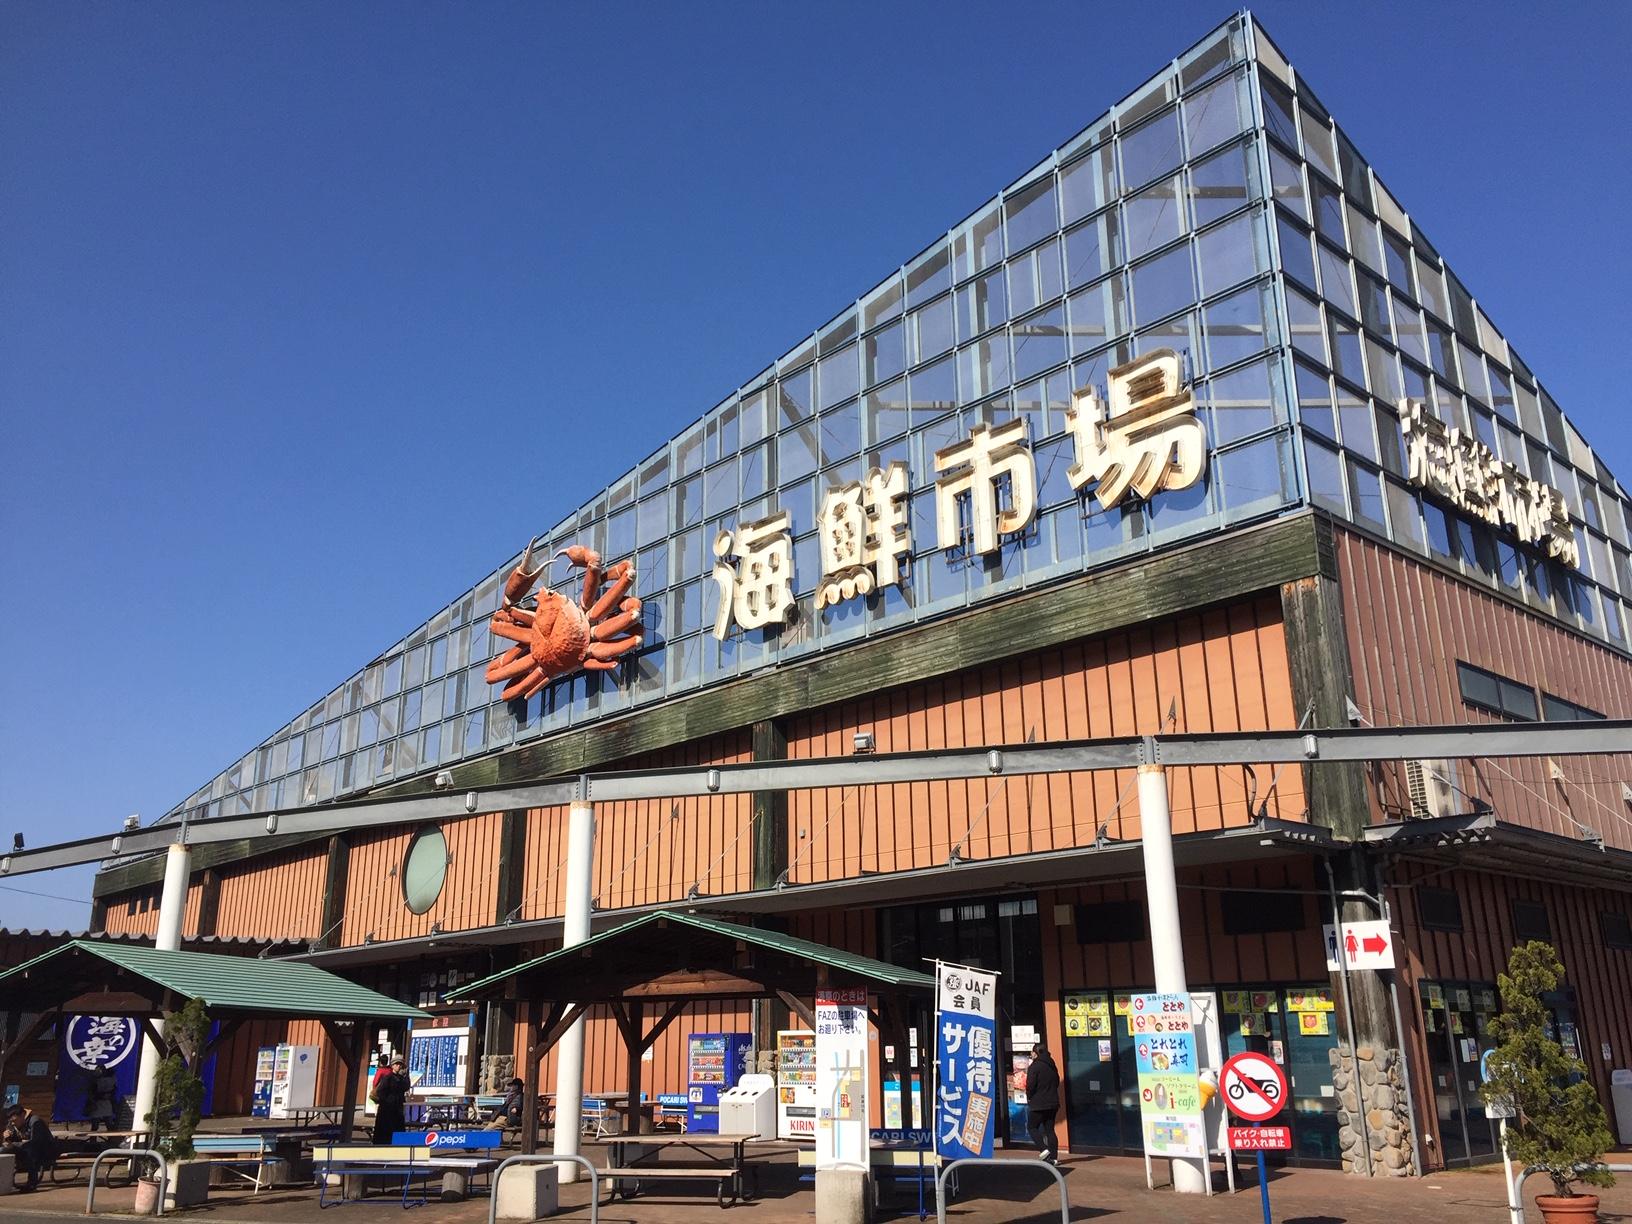 道の駅 海鮮市場 舞鶴港とれとれセンター